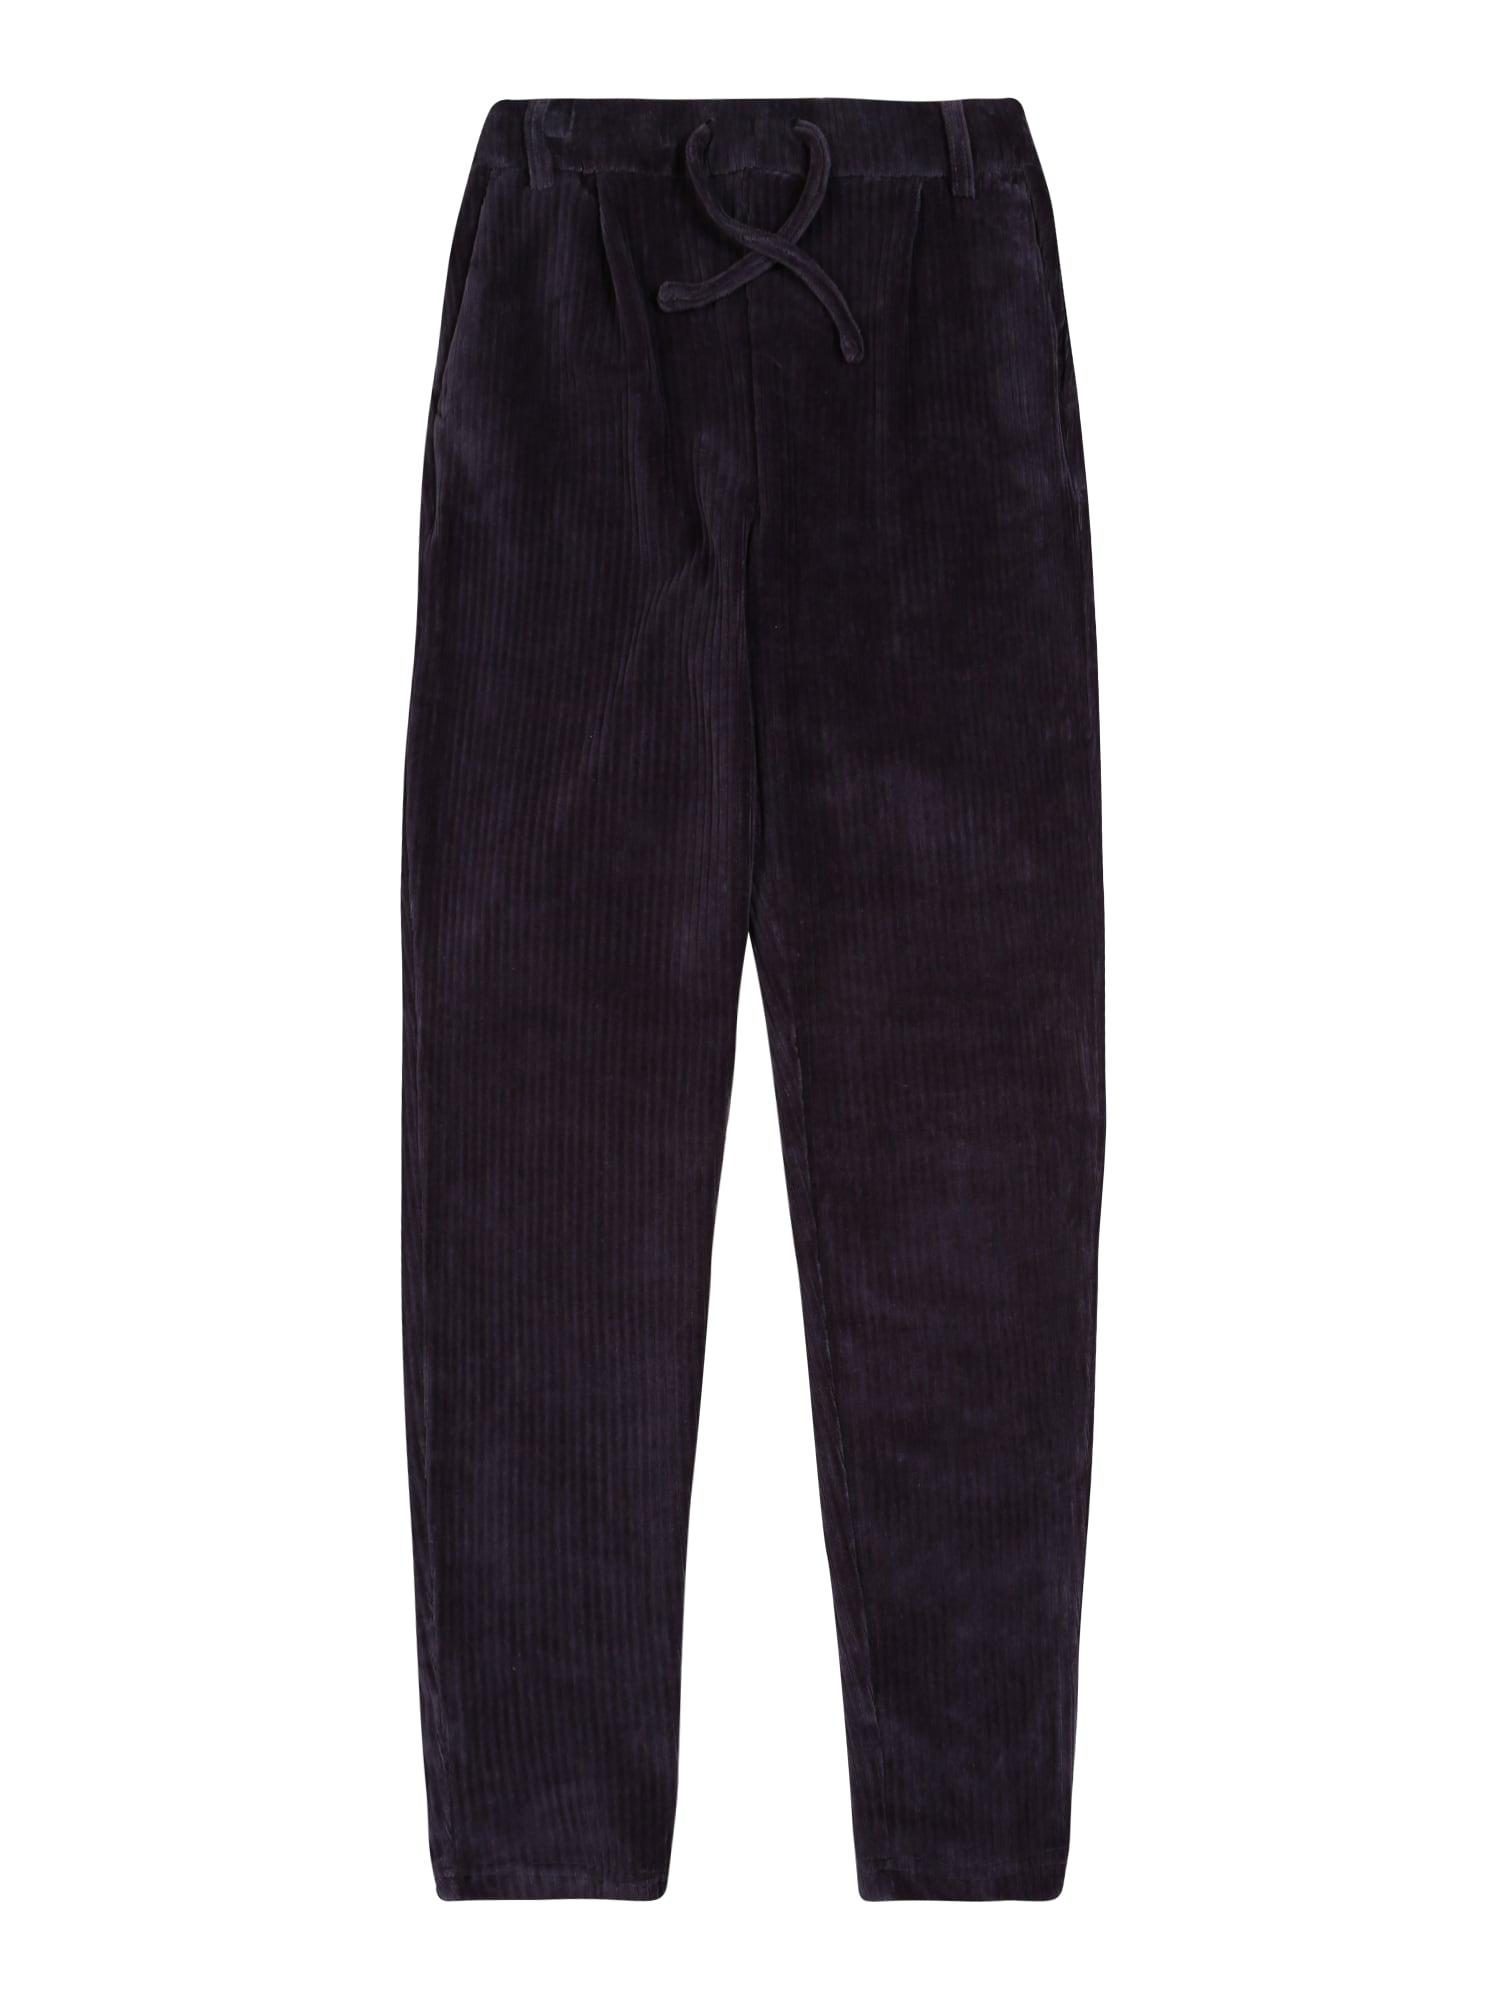 KIDS ONLY Kalhoty  čedičová šedá